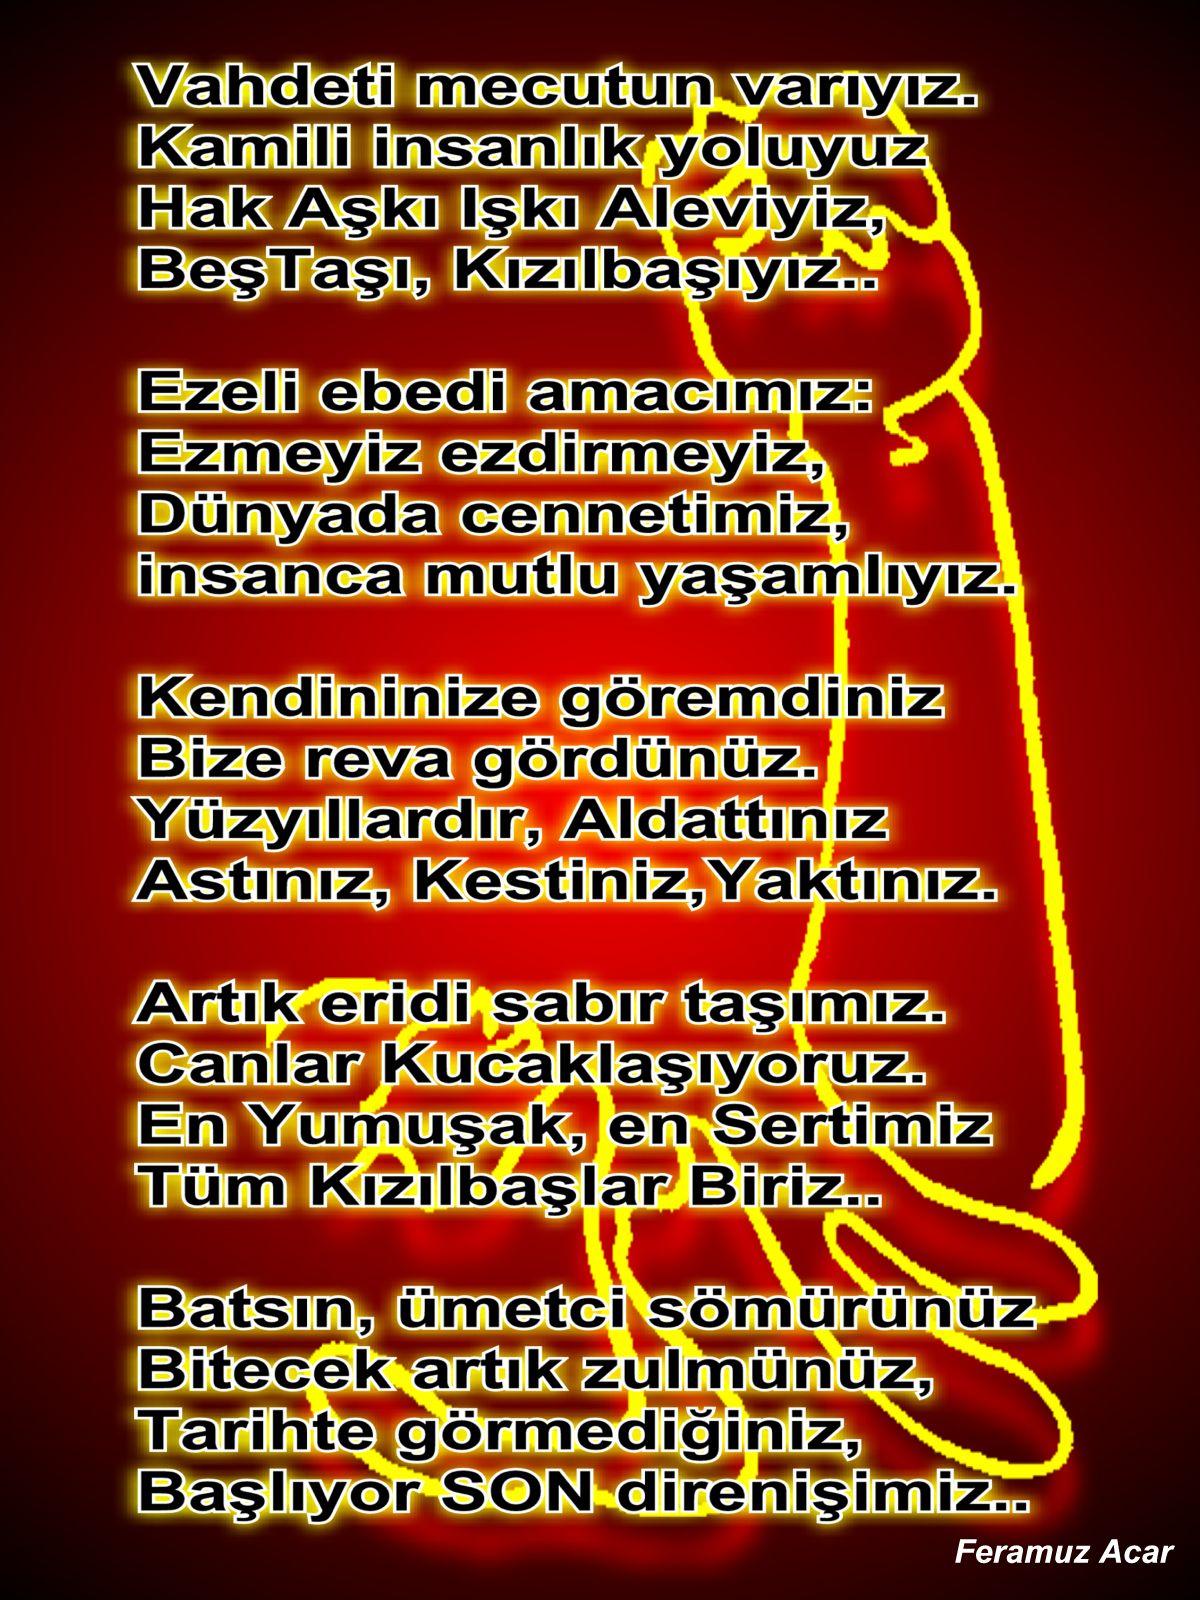 Devrimci Aleviler Birliği DAB Alevi Kızılbaş Bektaşi pir sultan cem hz Ali 12 imam semah Feramuz Şah Acar sondirenis